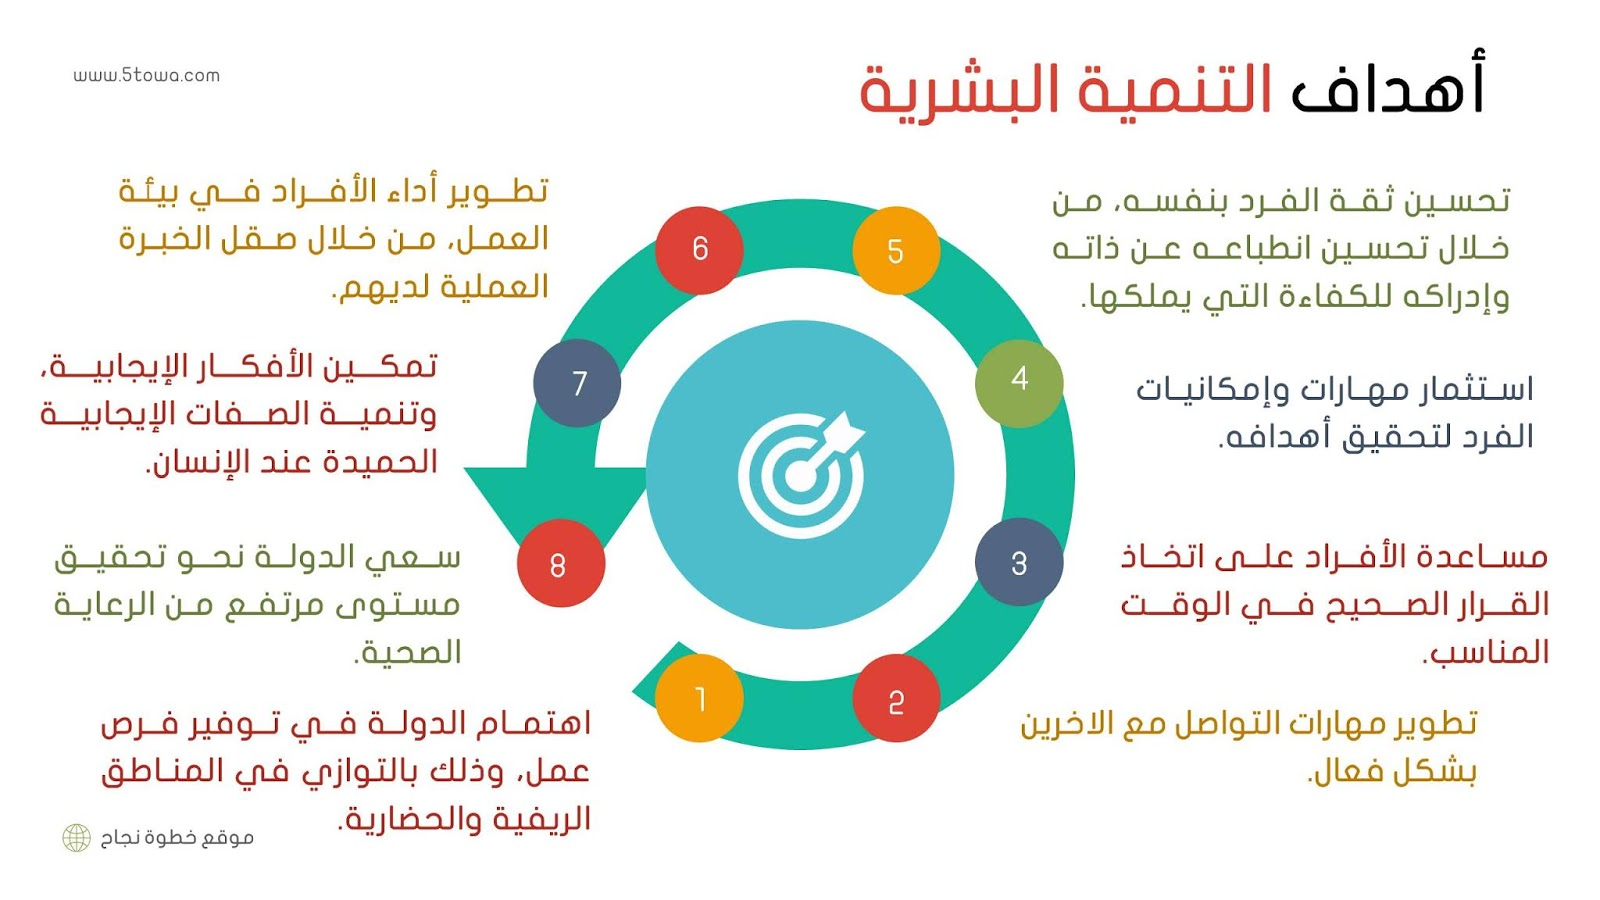 صورة عن أهداف التنمية البشرية - ما هي التنمية البشرية وأهدافها وأهميتها وما أهميتها في مجال التعليم